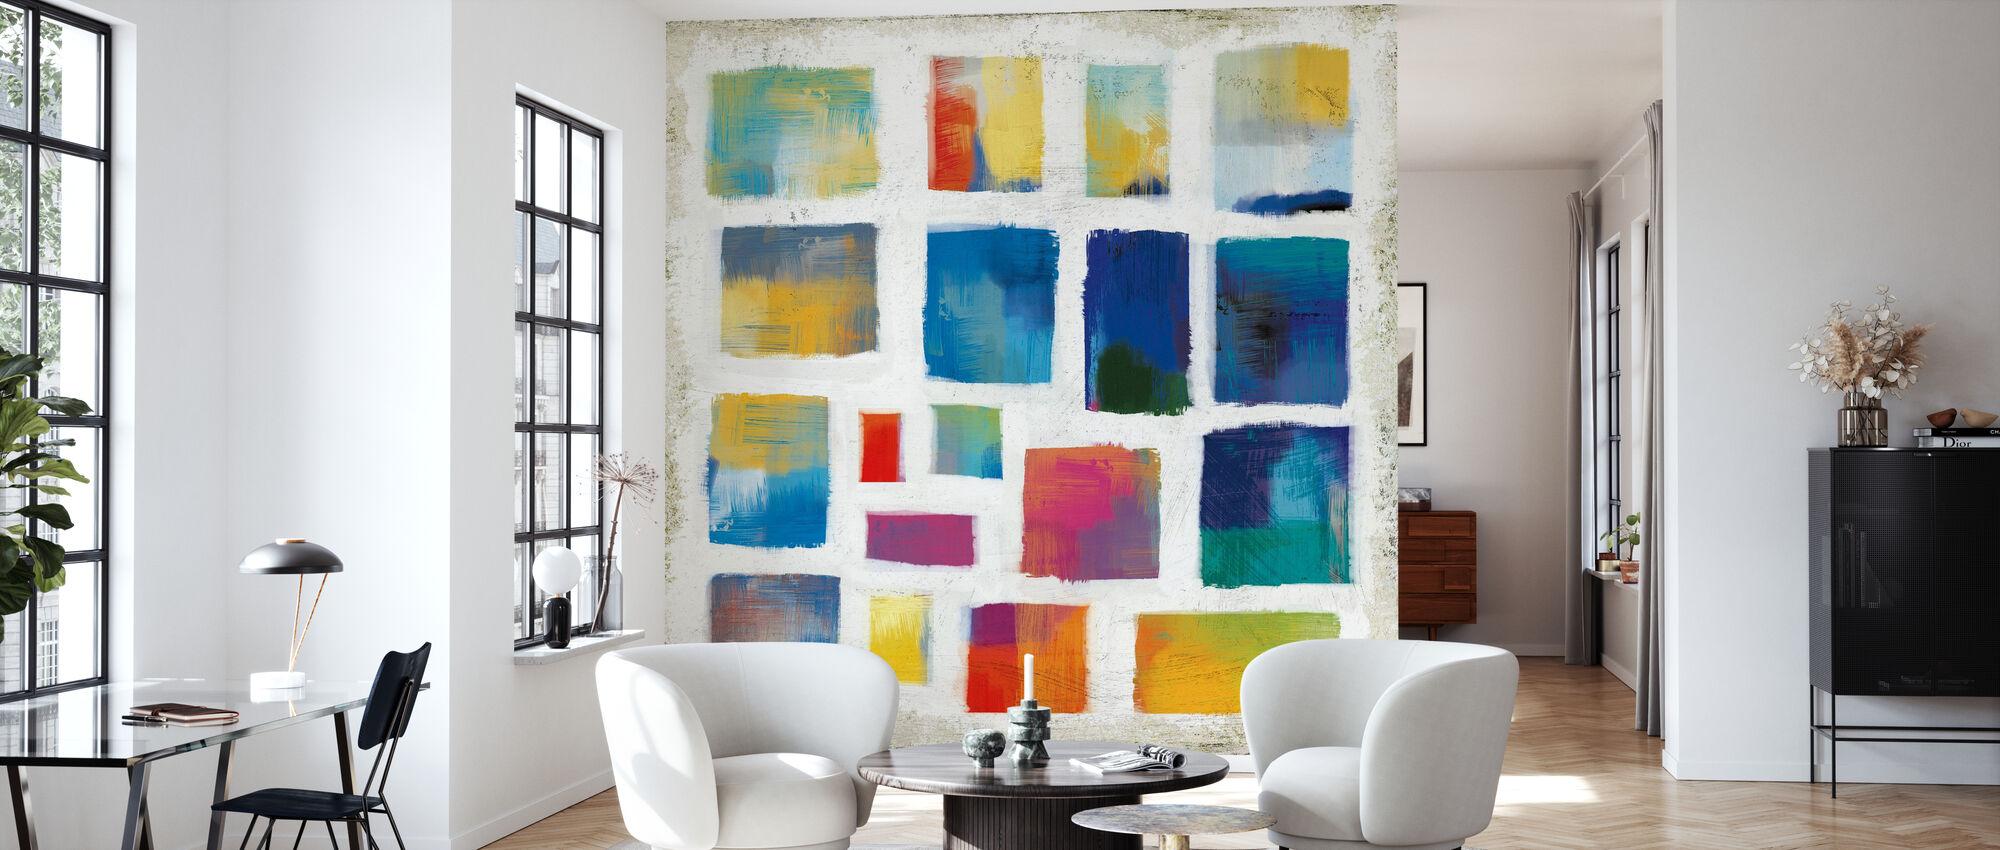 Vibrations Square - Wallpaper - Living Room